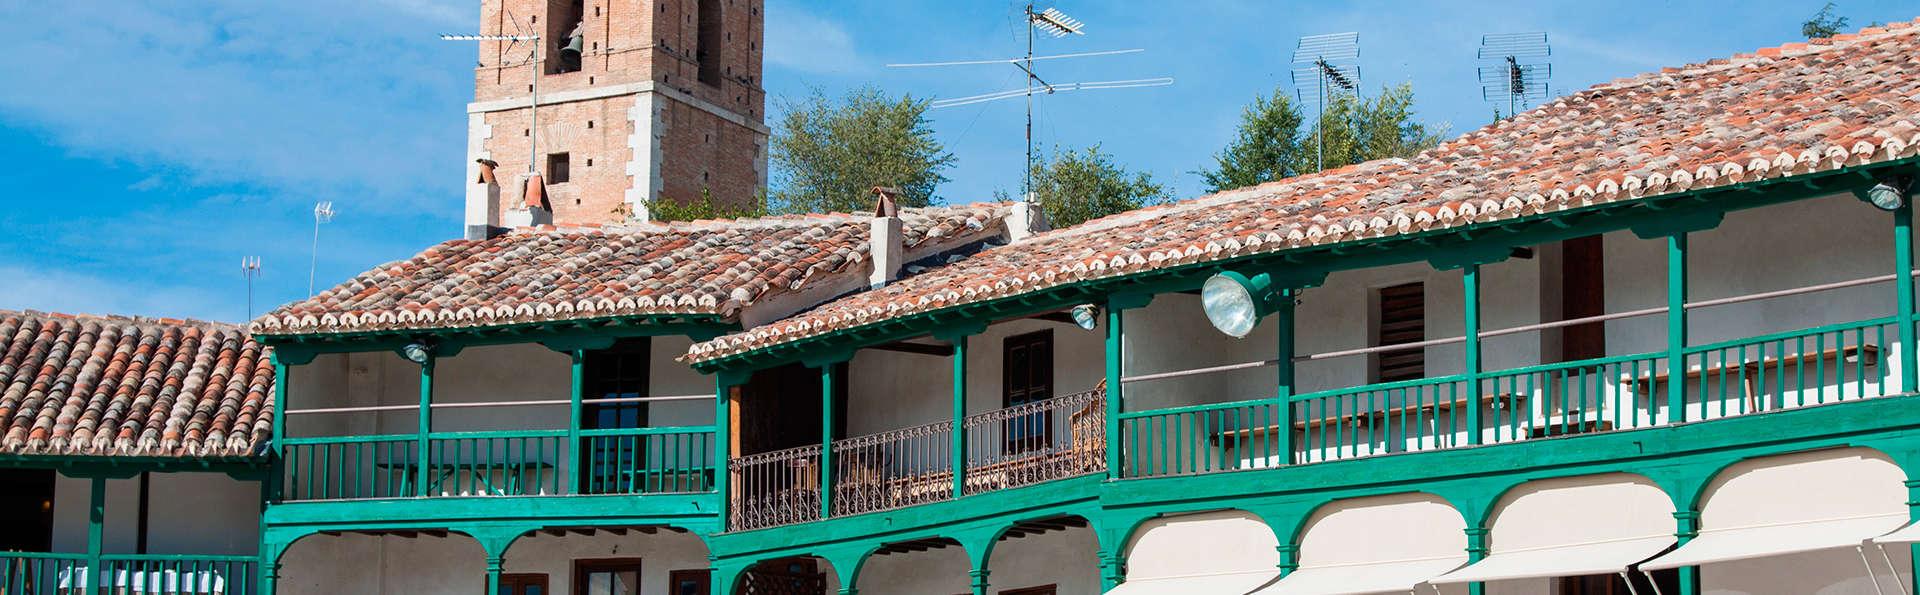 Hotel Condesa de Chinchón - EDIT_destinatin.jpg